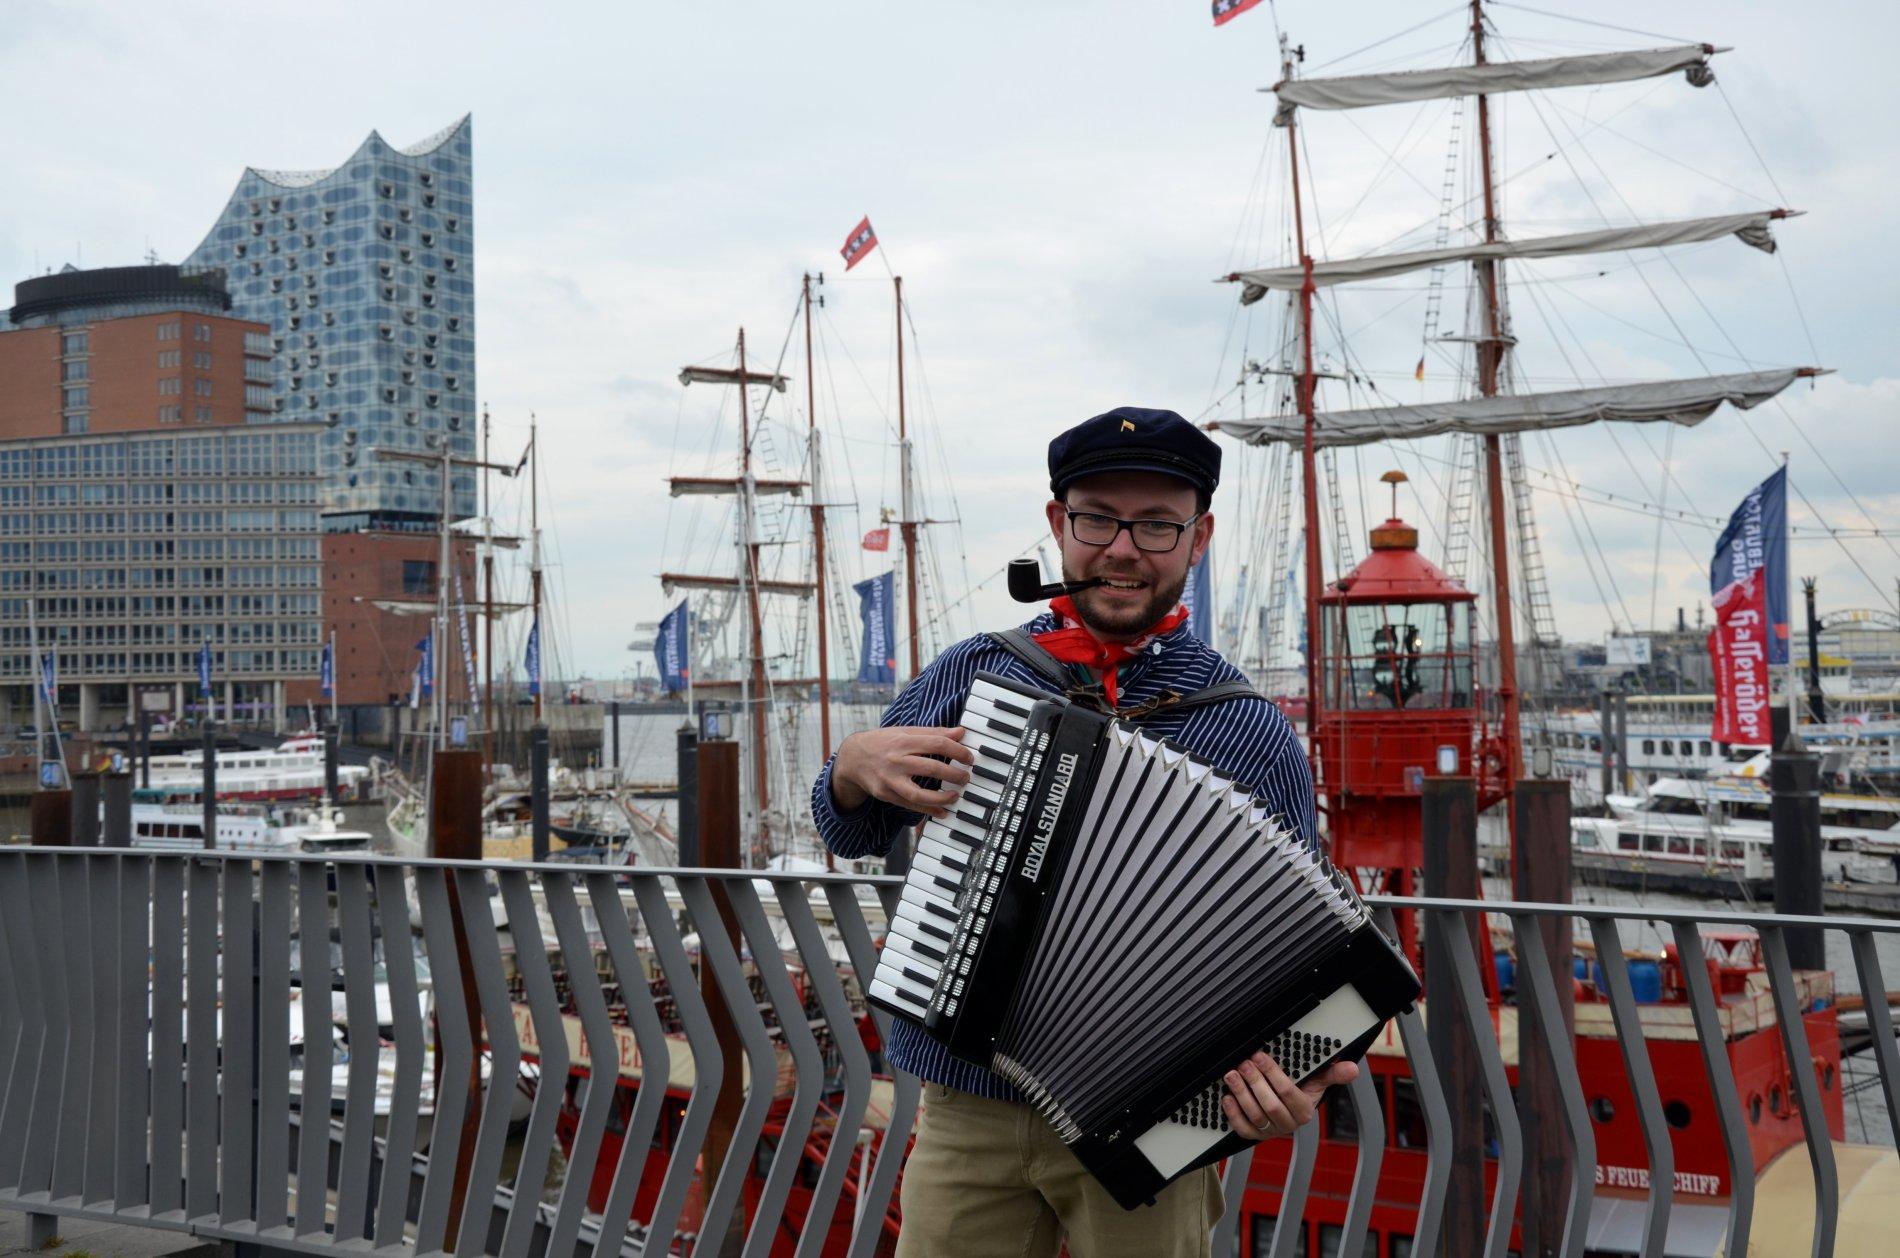 """Natürlich hat auch der Sänger vor dem Hafen """"das Lied"""" von der Reeperbahn im Repertoire"""